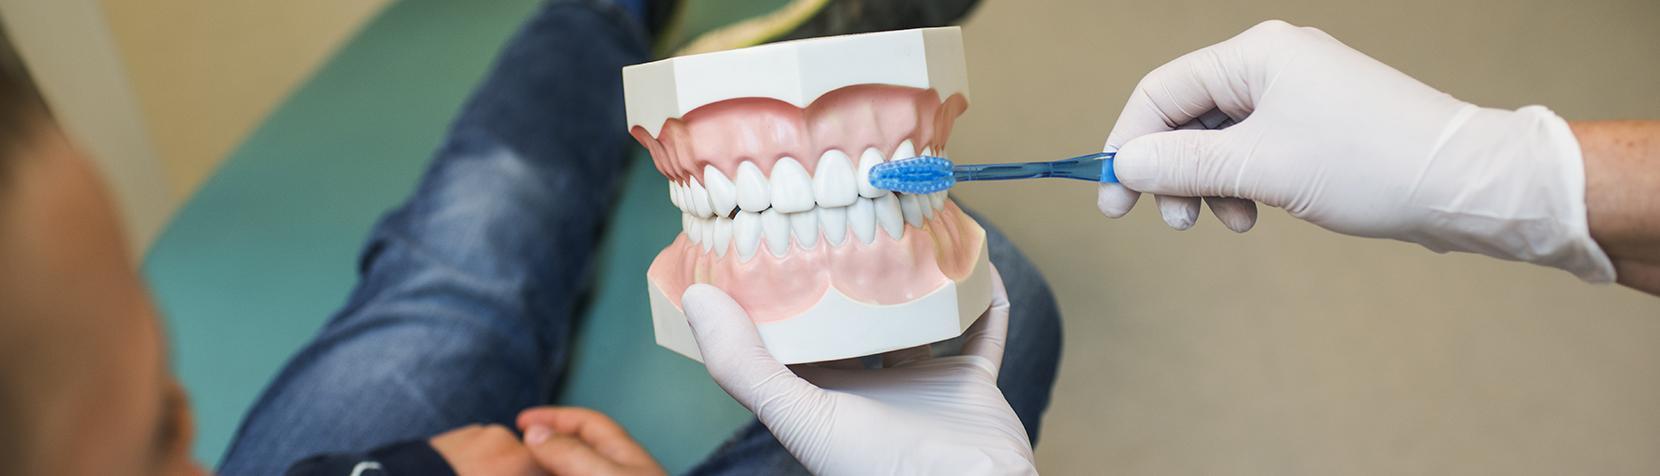 Tandlæge viser hvordan tænderne skal børstes